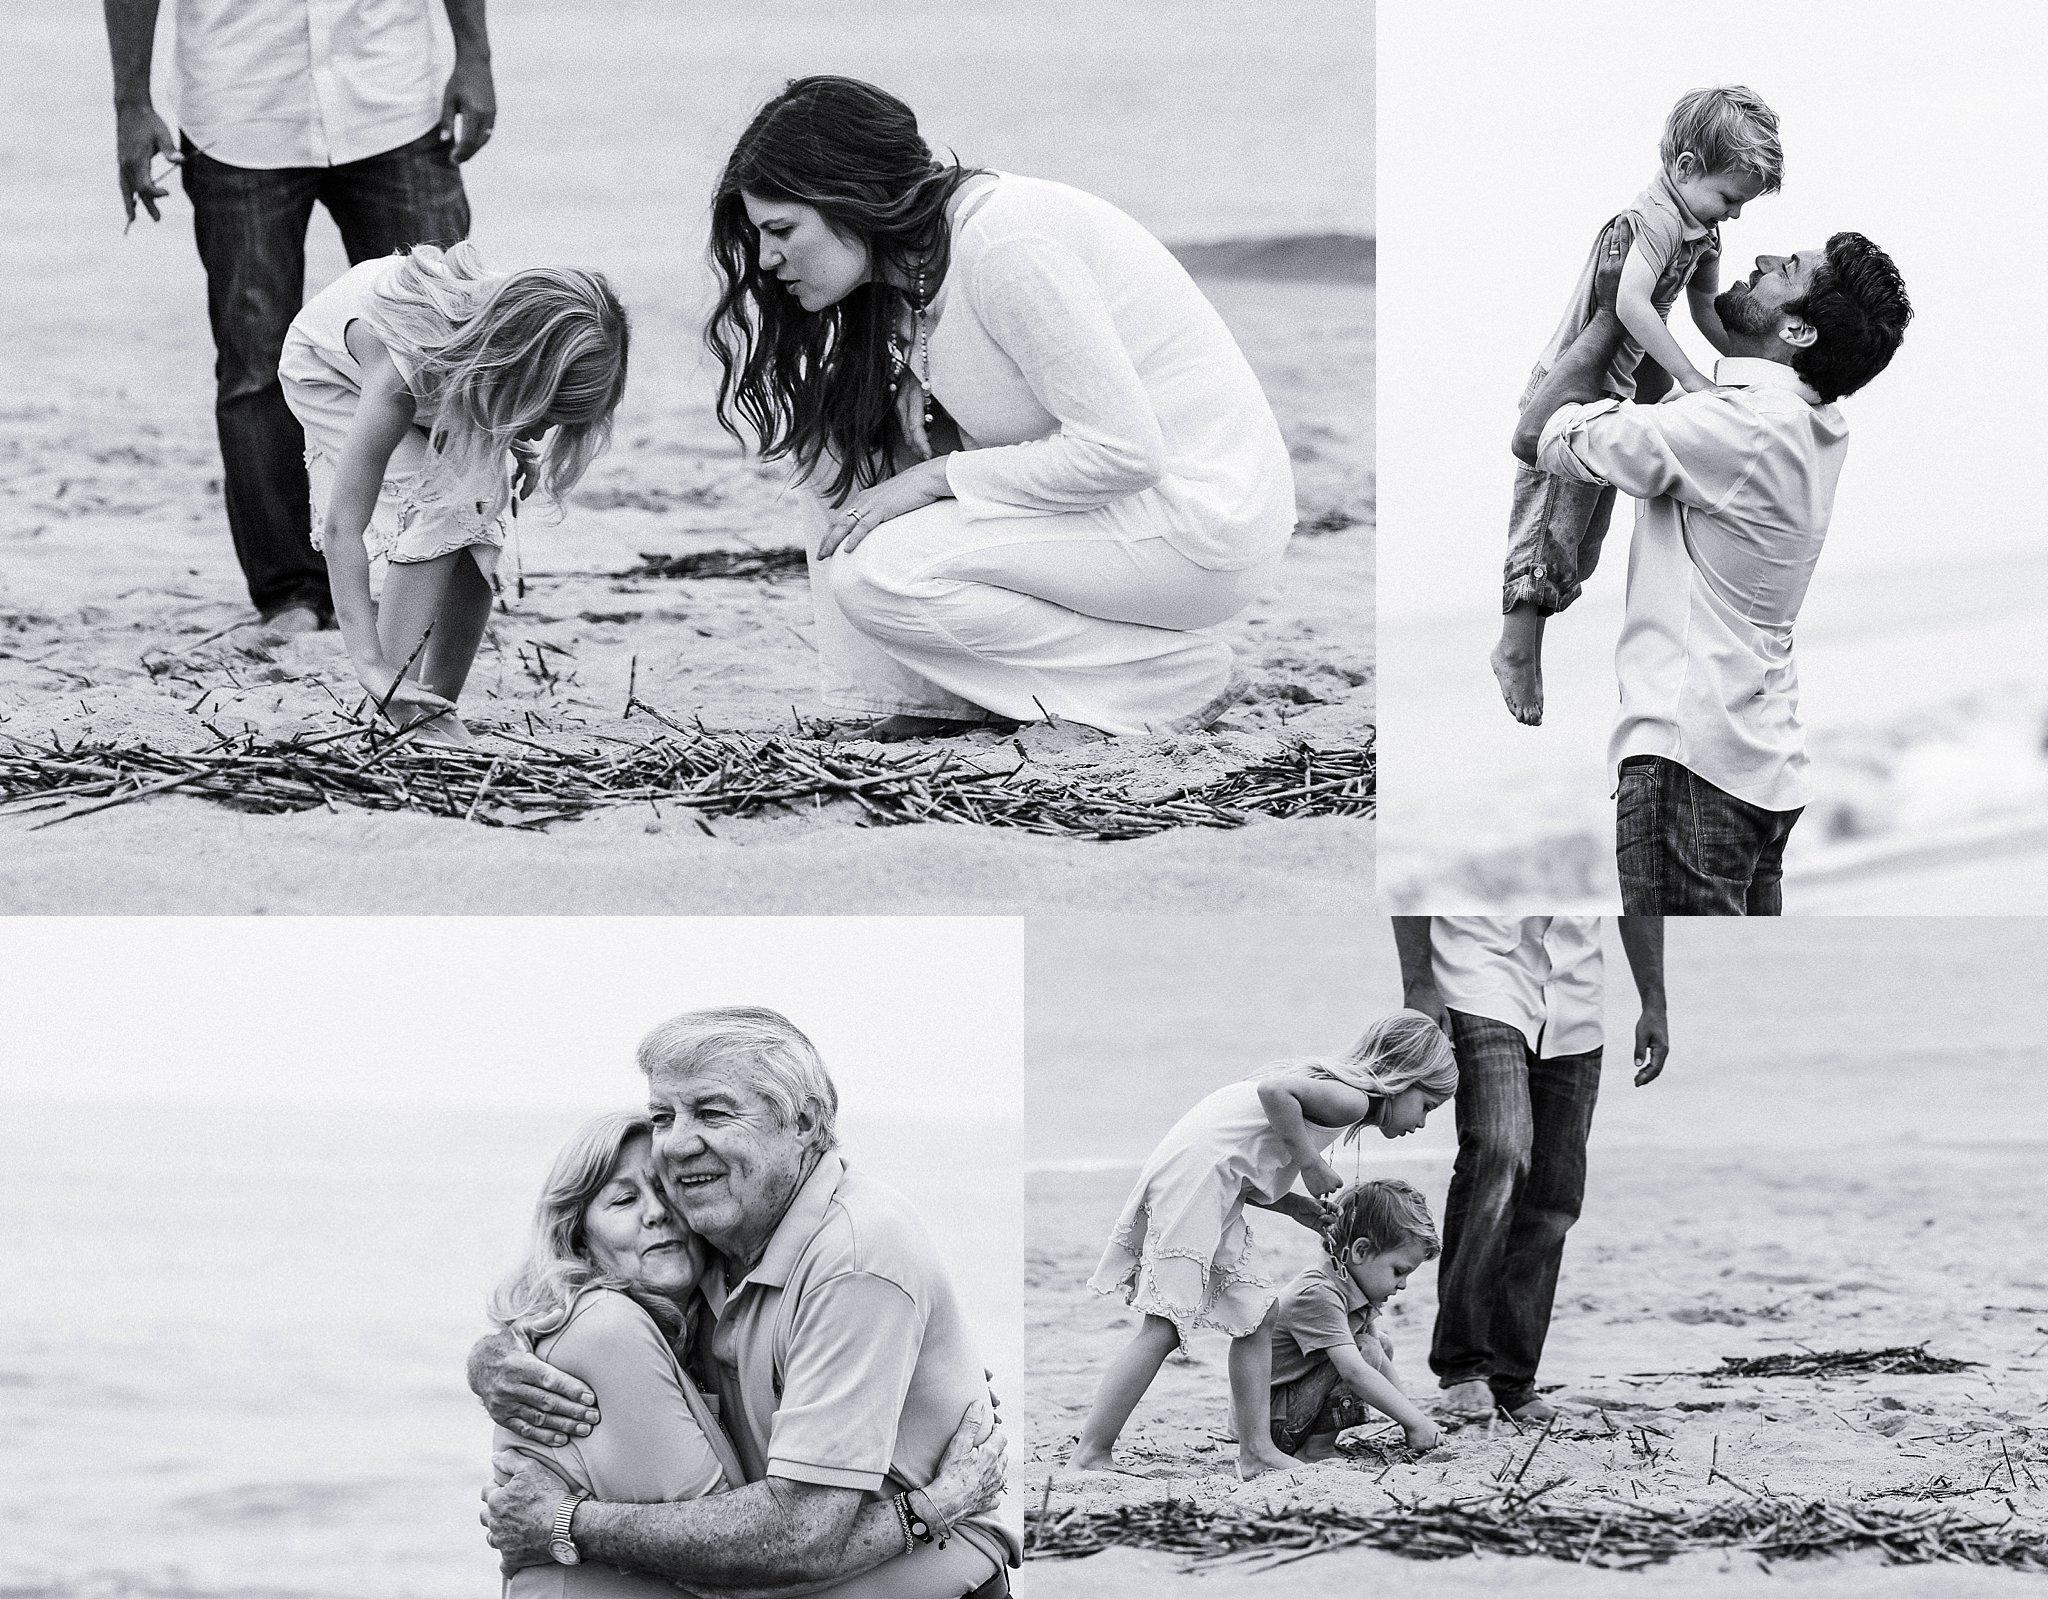 virginia-beach-photographers-melissa-bliss-photography-family-session-at-sandbridge-beach-7